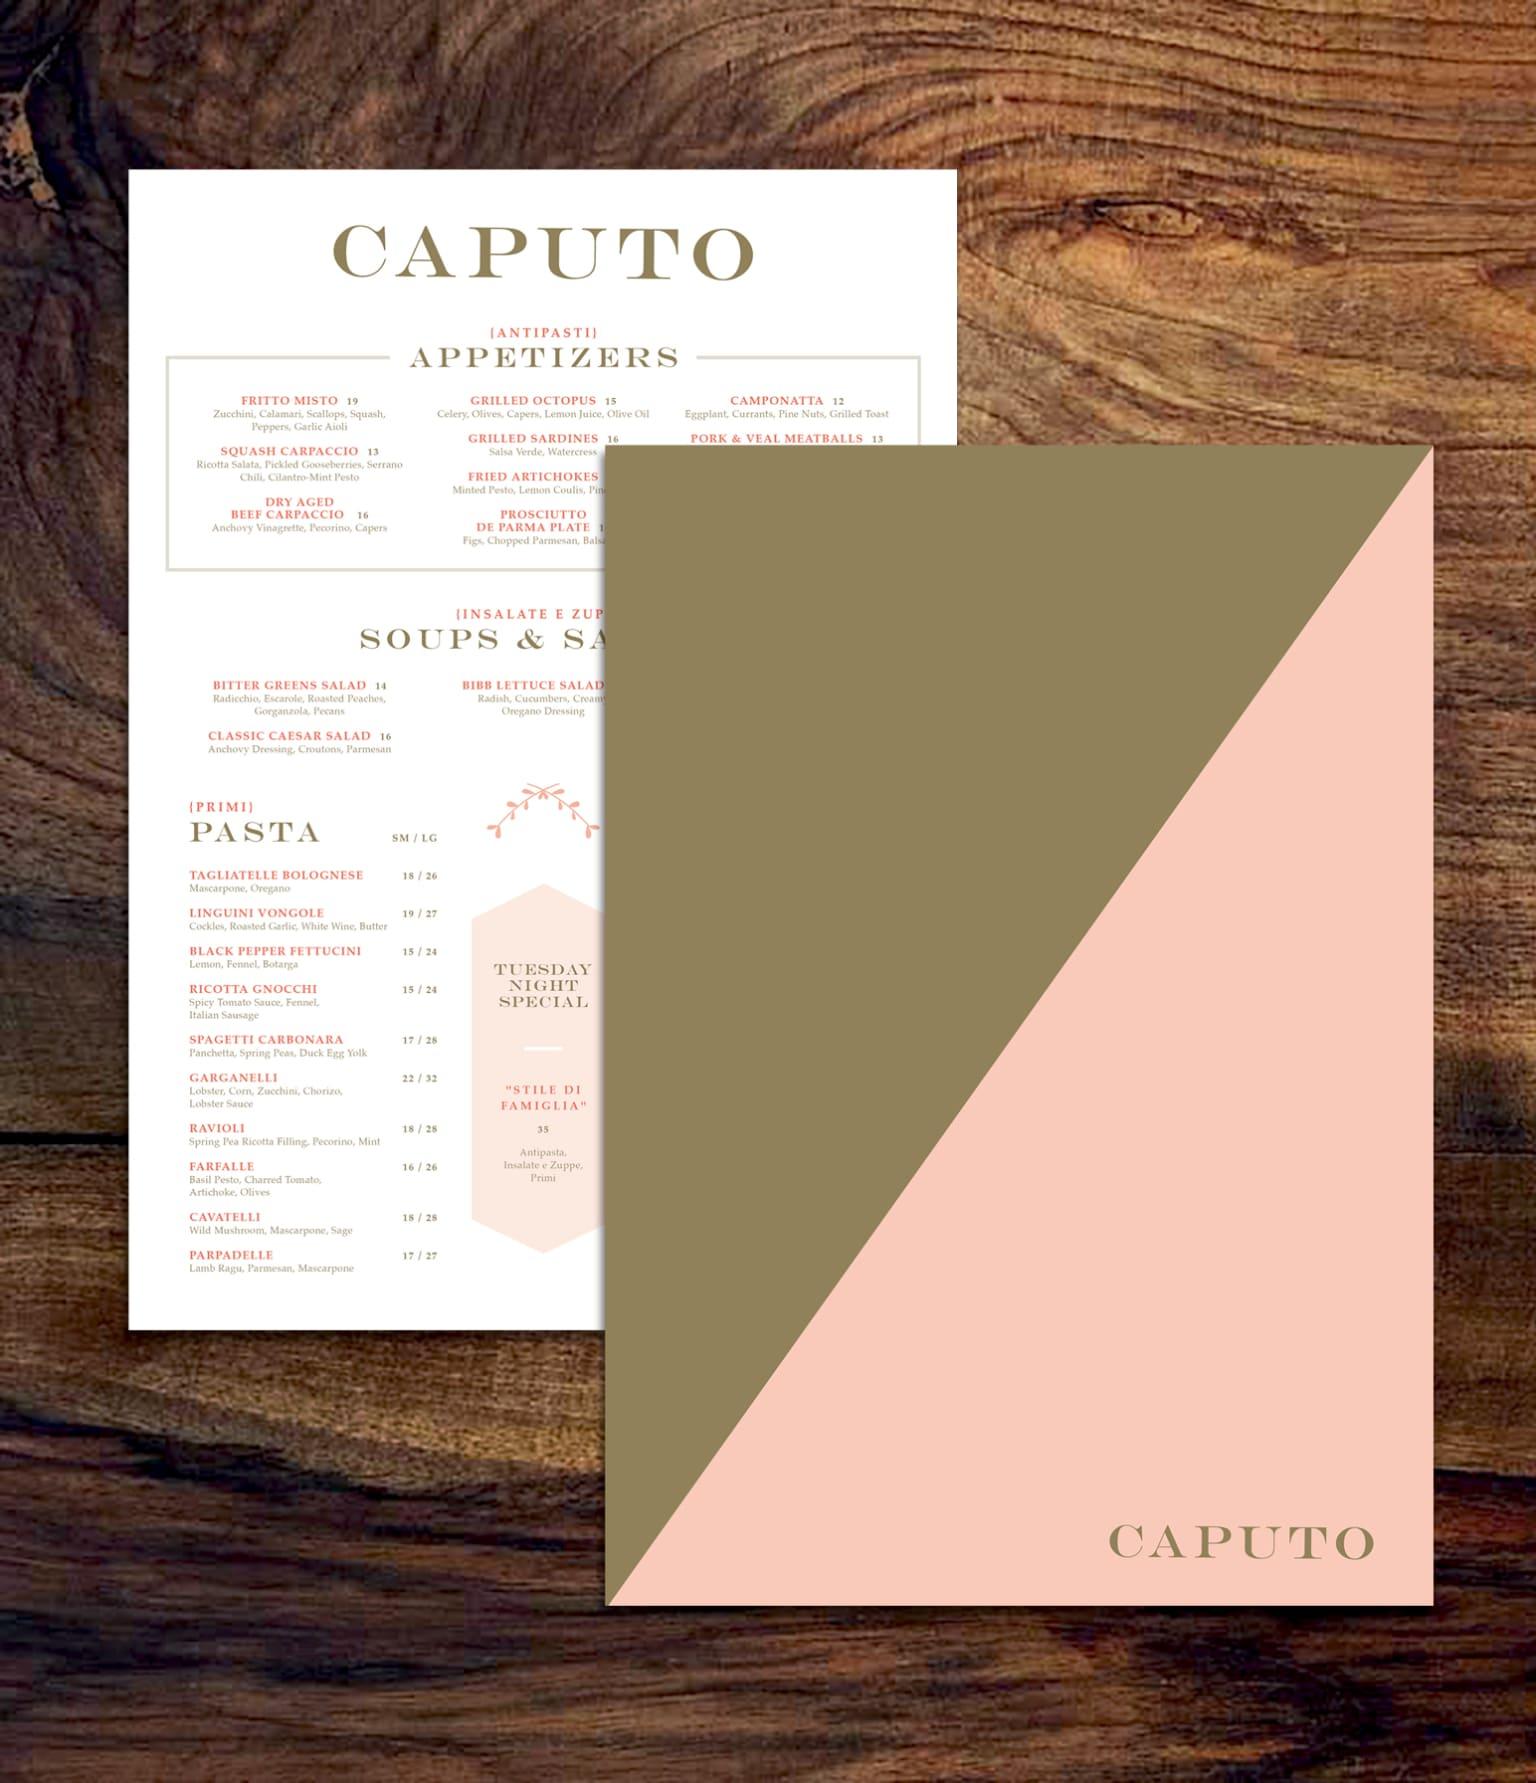 Branding for Caputo Trattoria & Caputo Pizzeria